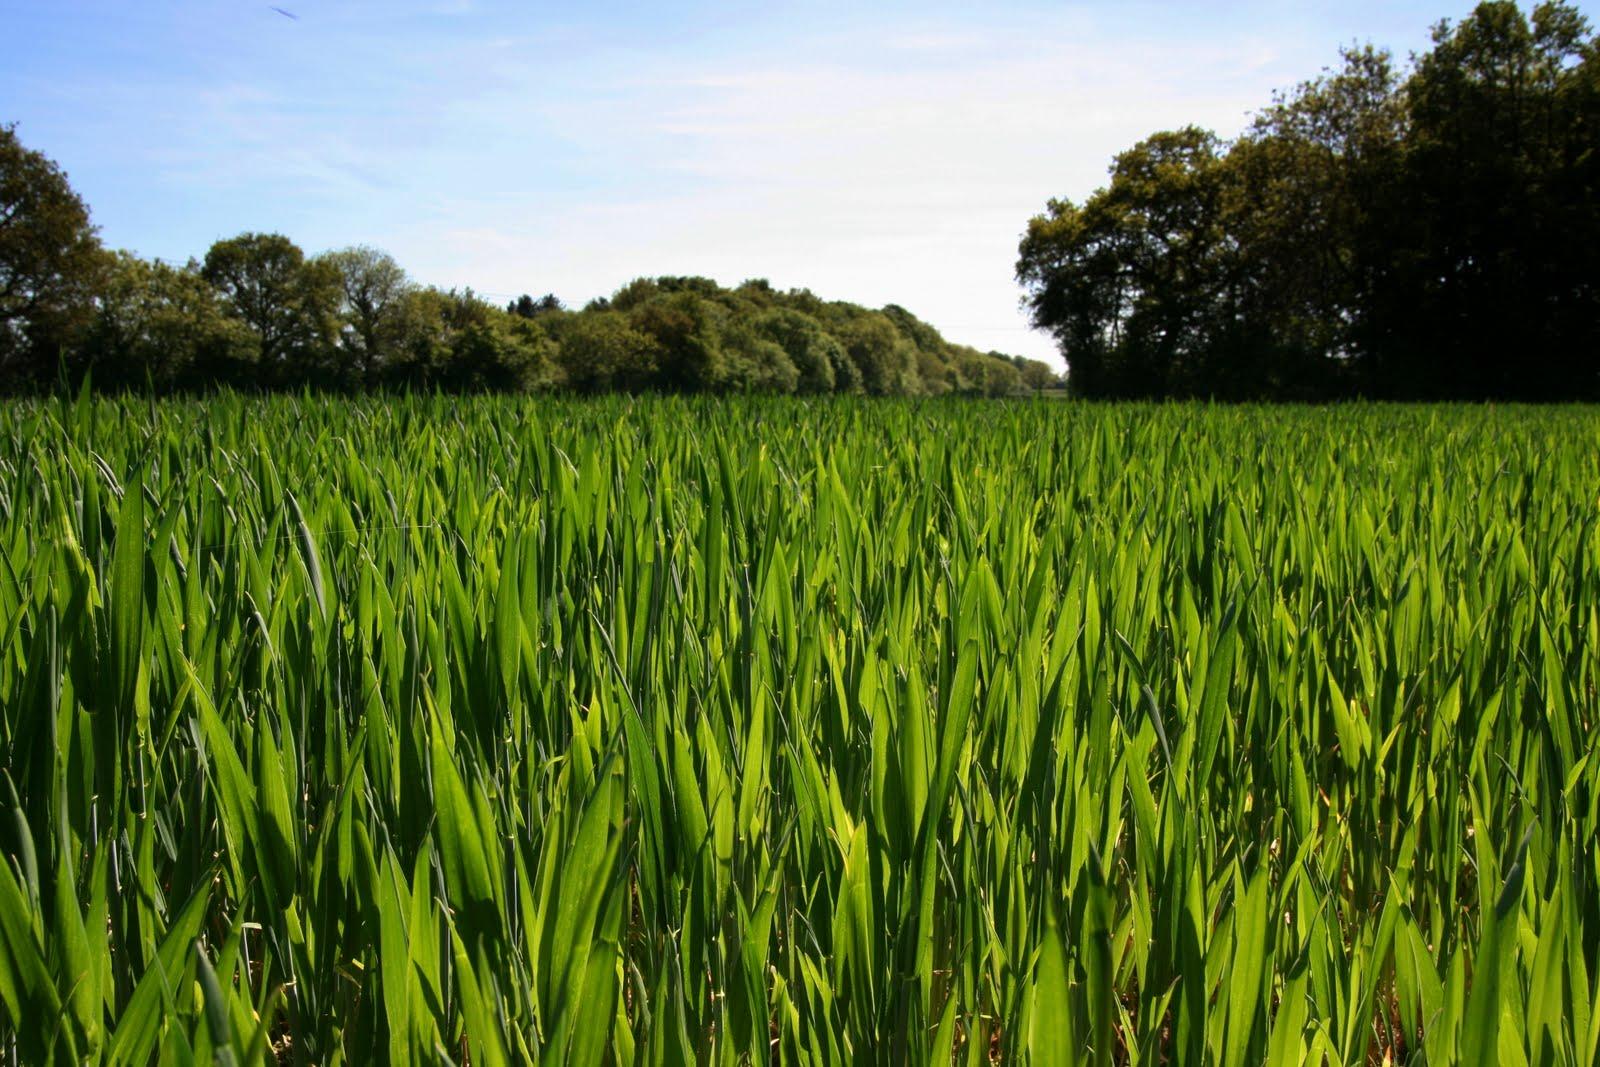 1005 040 Chesham to Great Missenden, England Grass